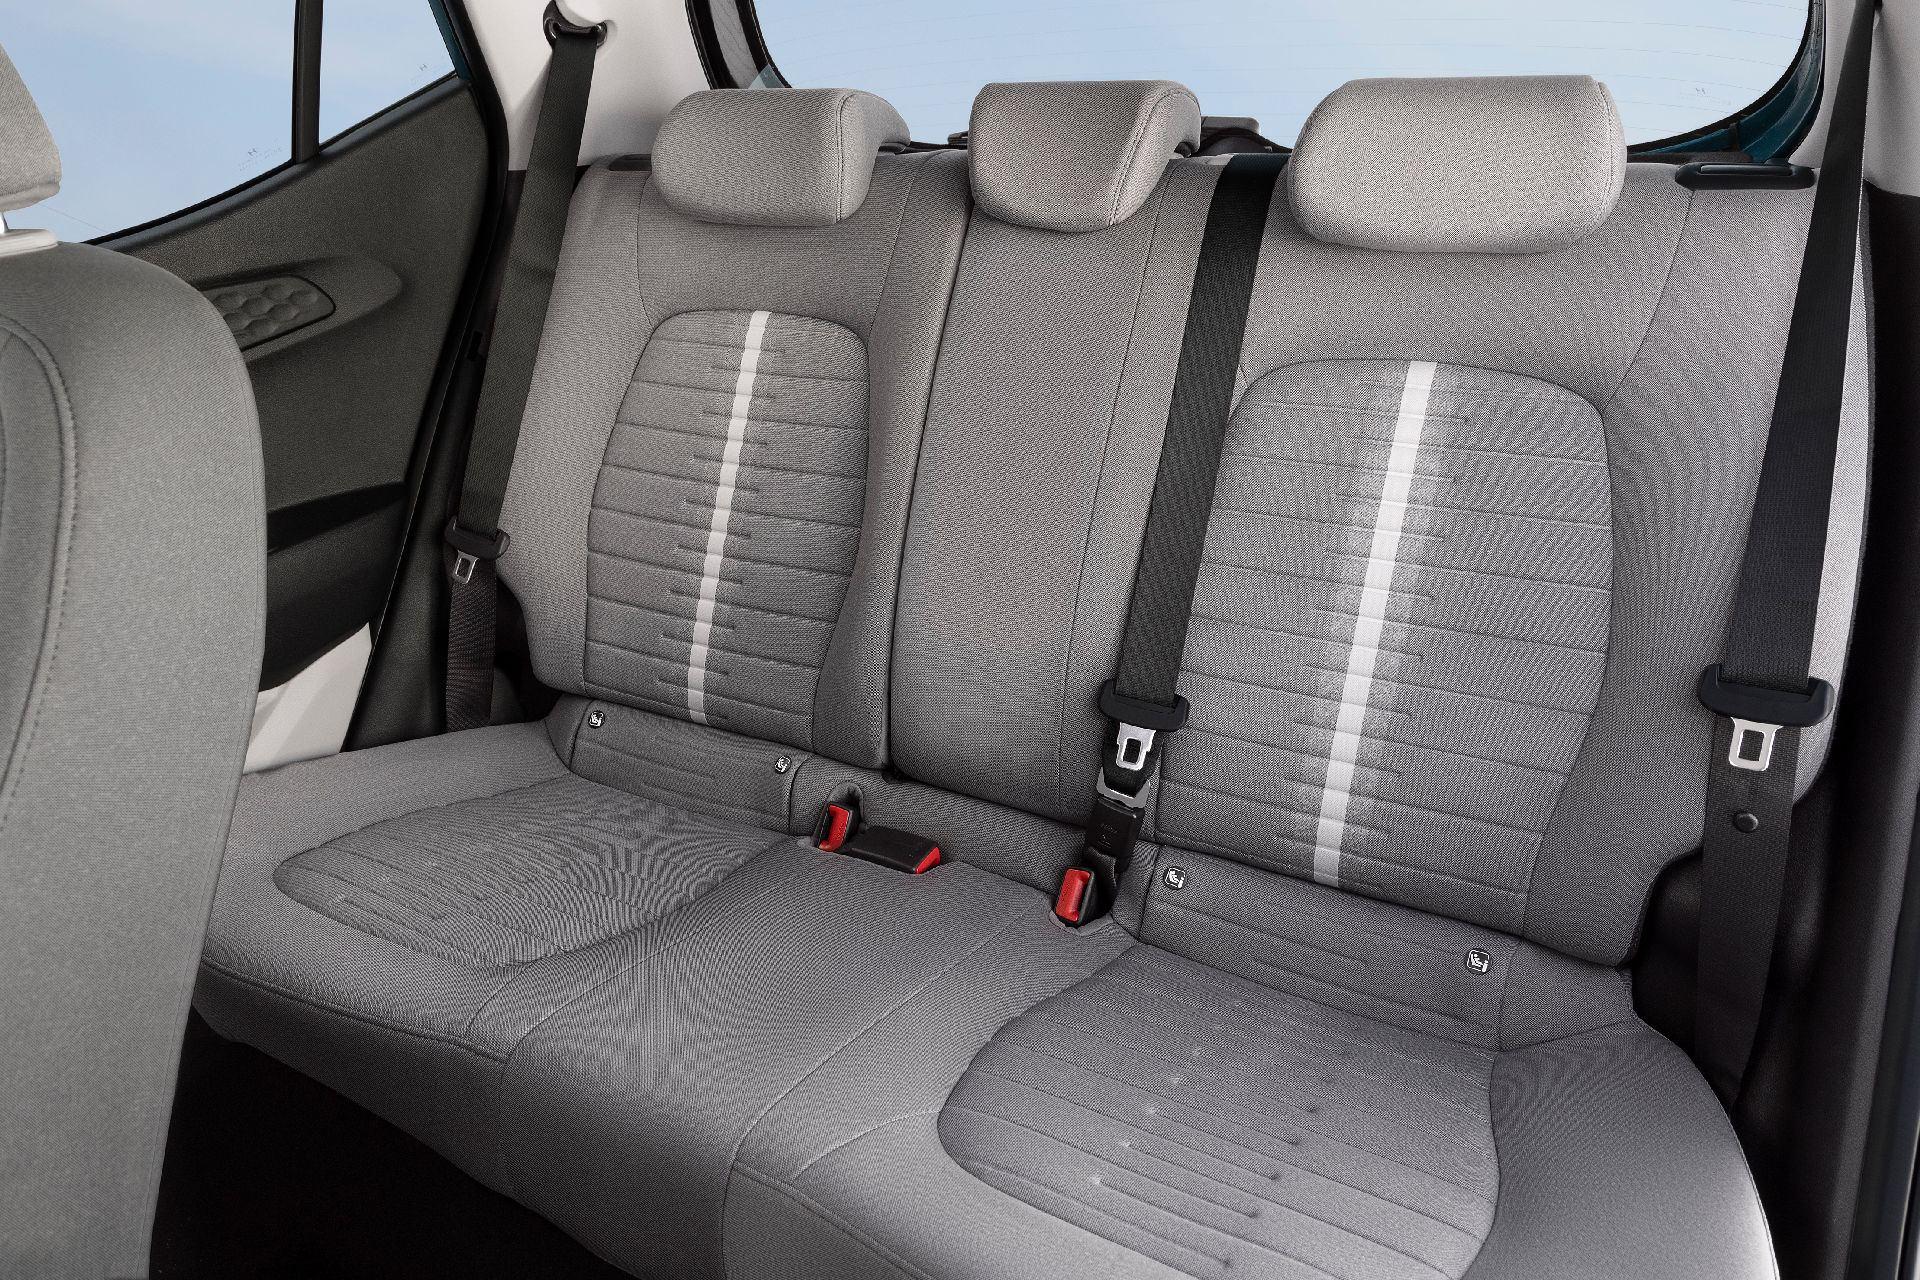 Hyundai i10 thế hệ mới sắp được ra mắt tại Frankfurt Motor Show 2019 - 14